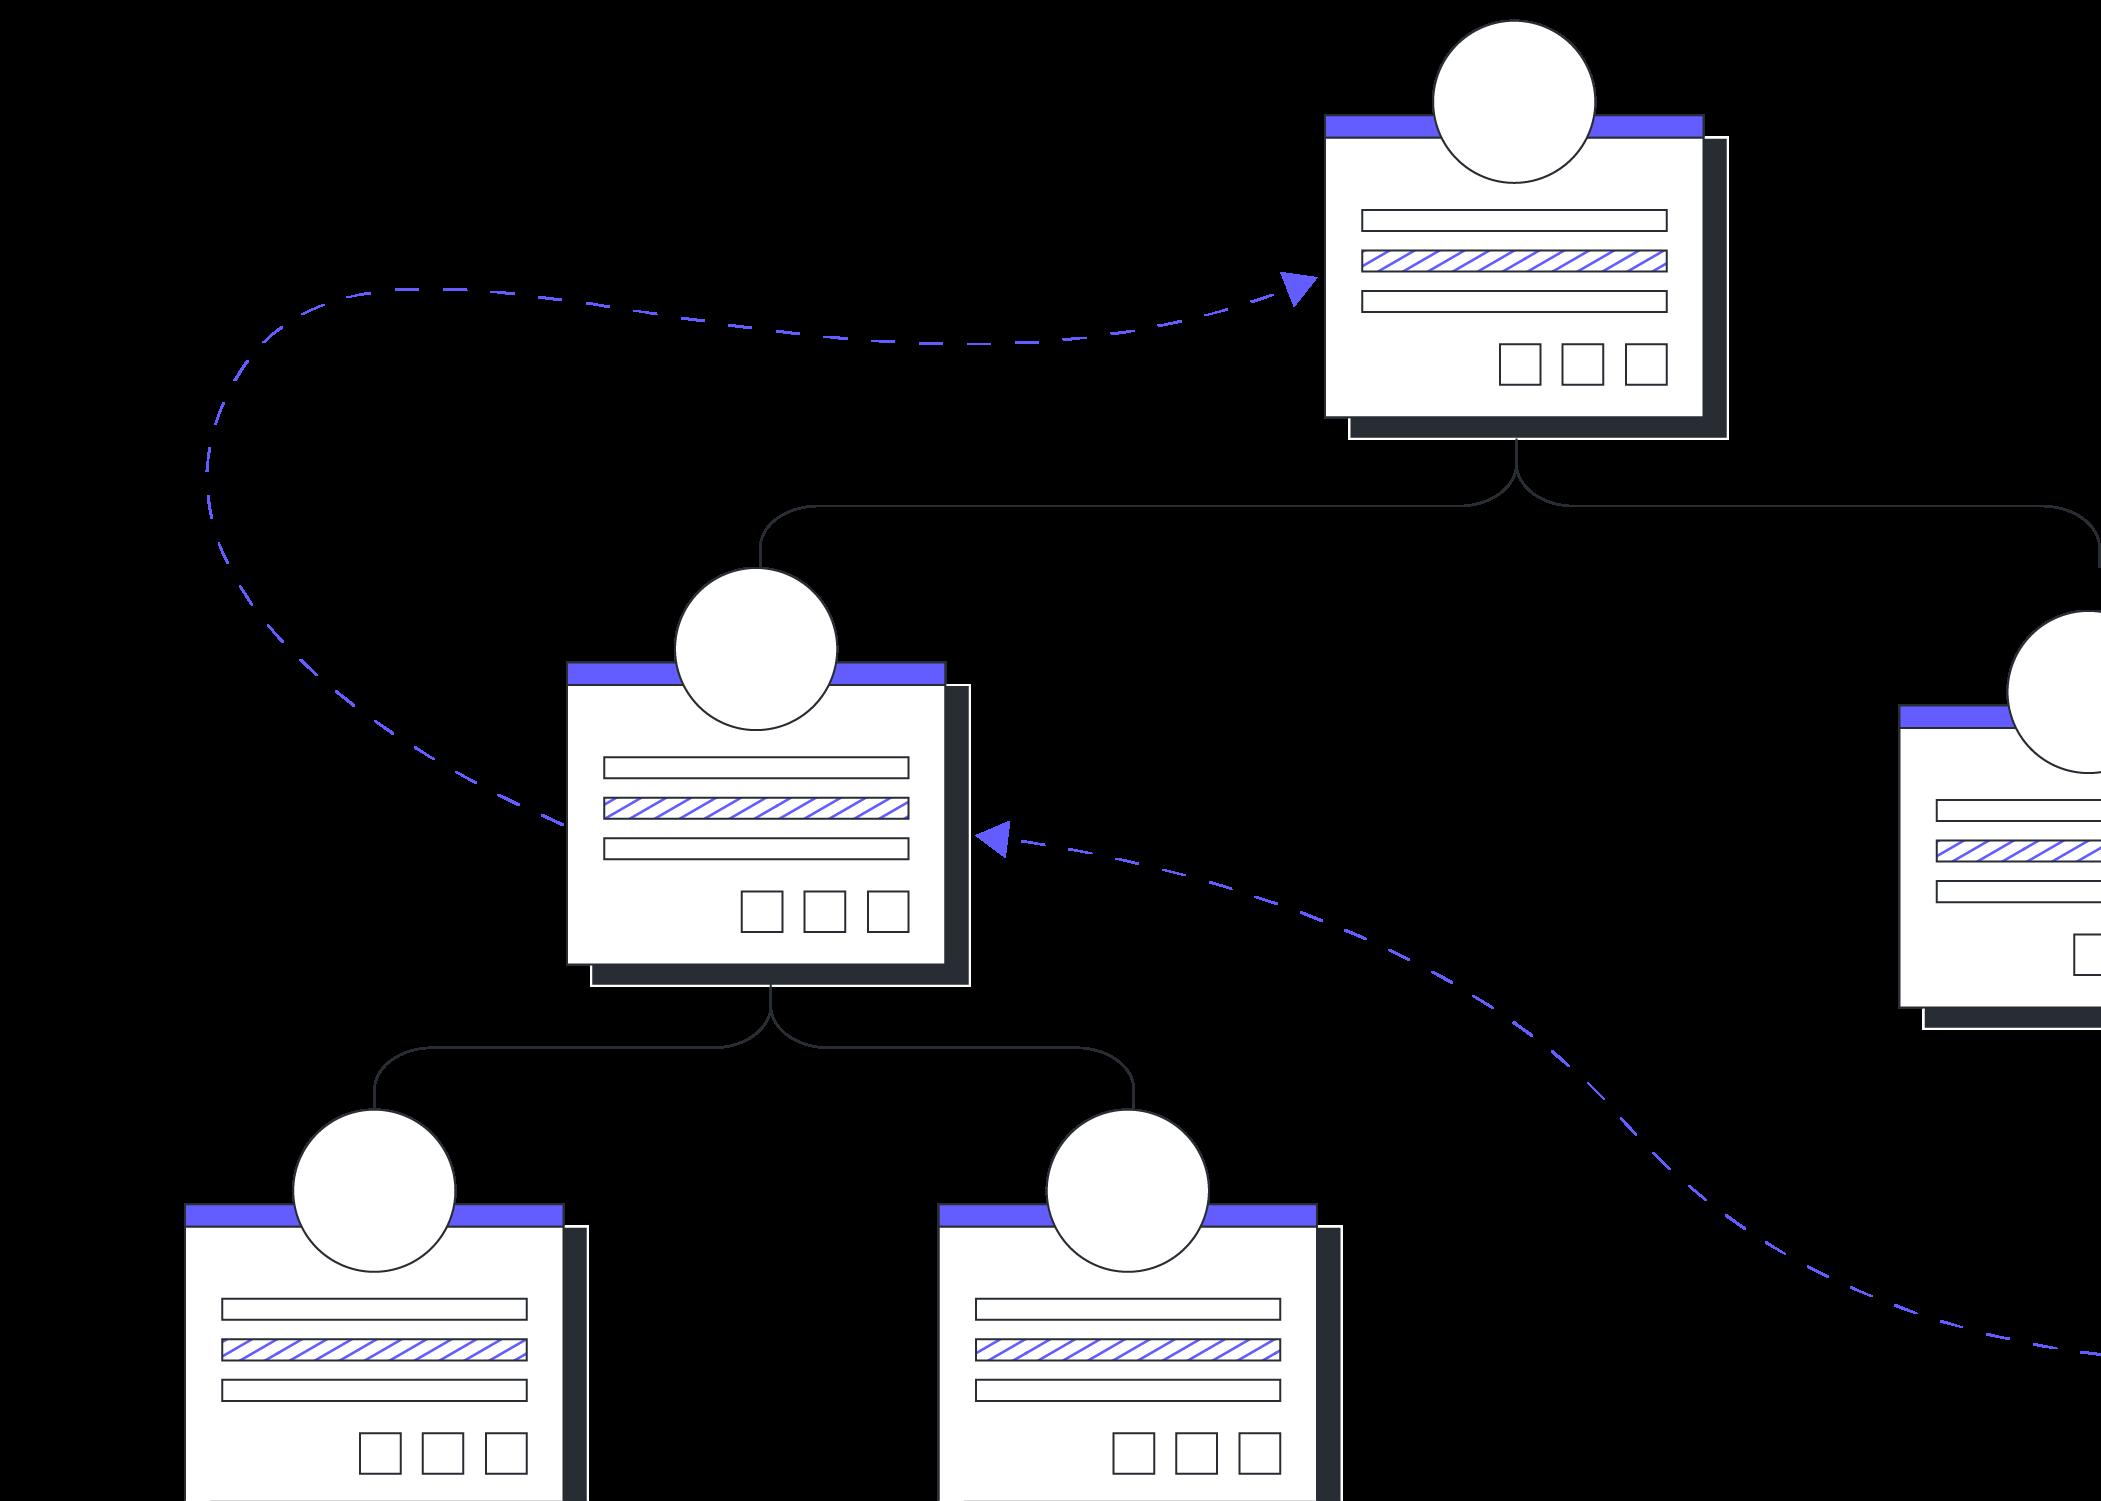 organogramas online grátis